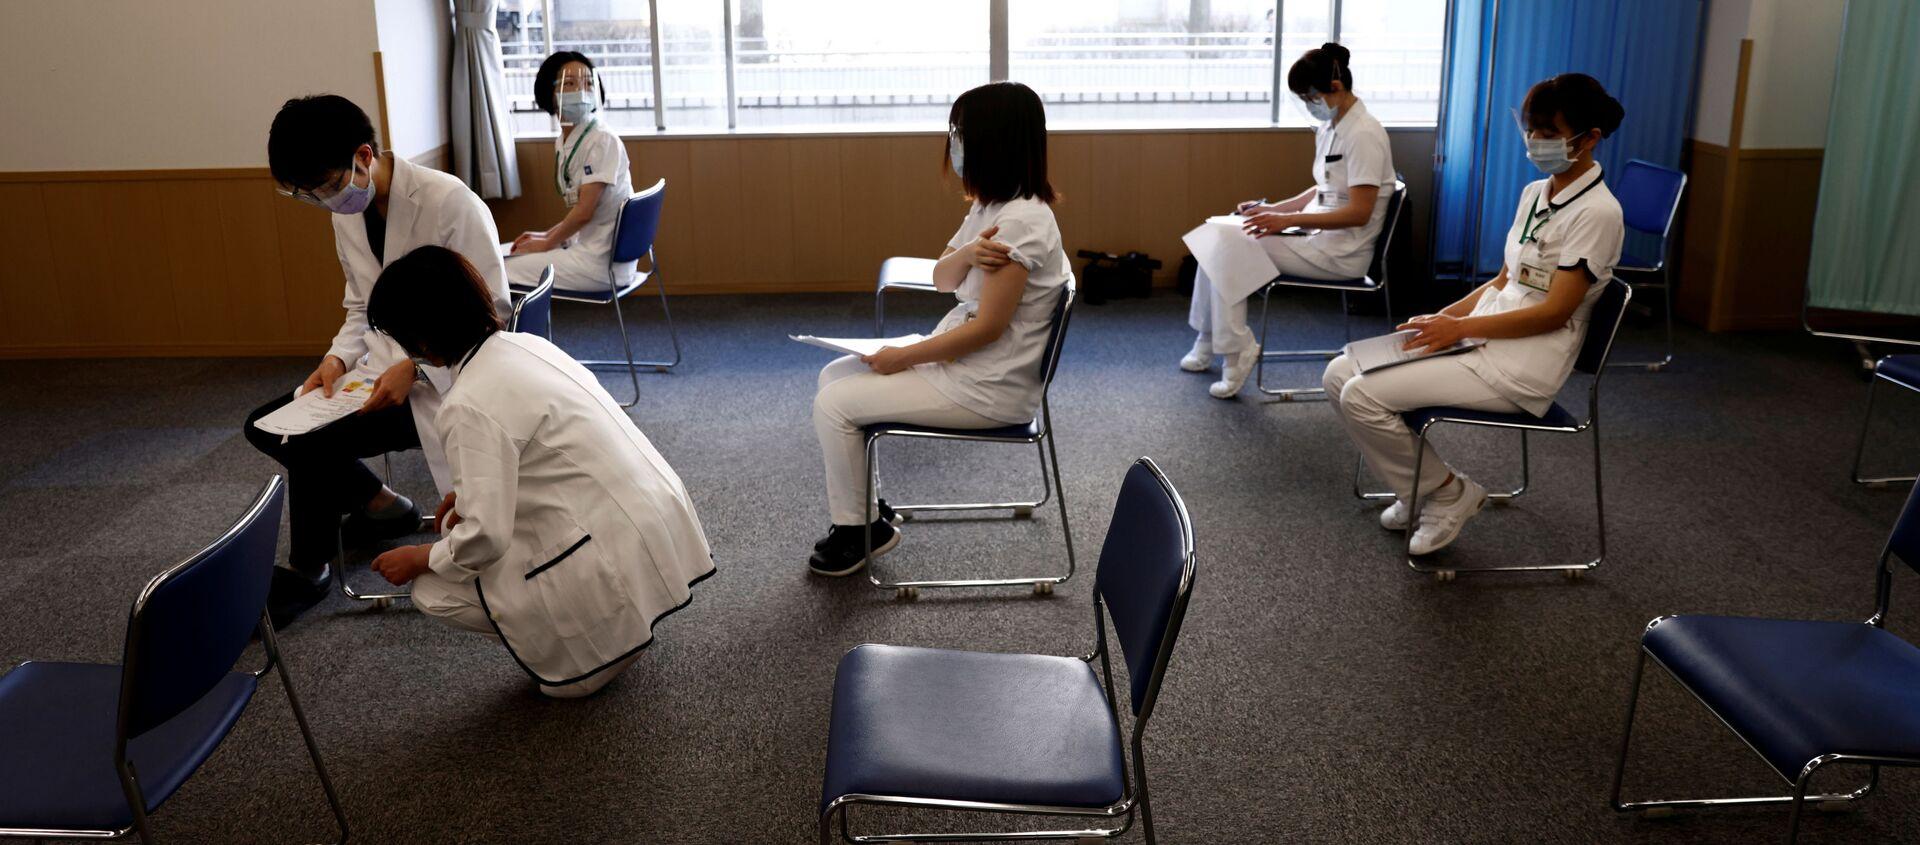 ワクチン接種をする - Sputnik 日本, 1920, 05.07.2021